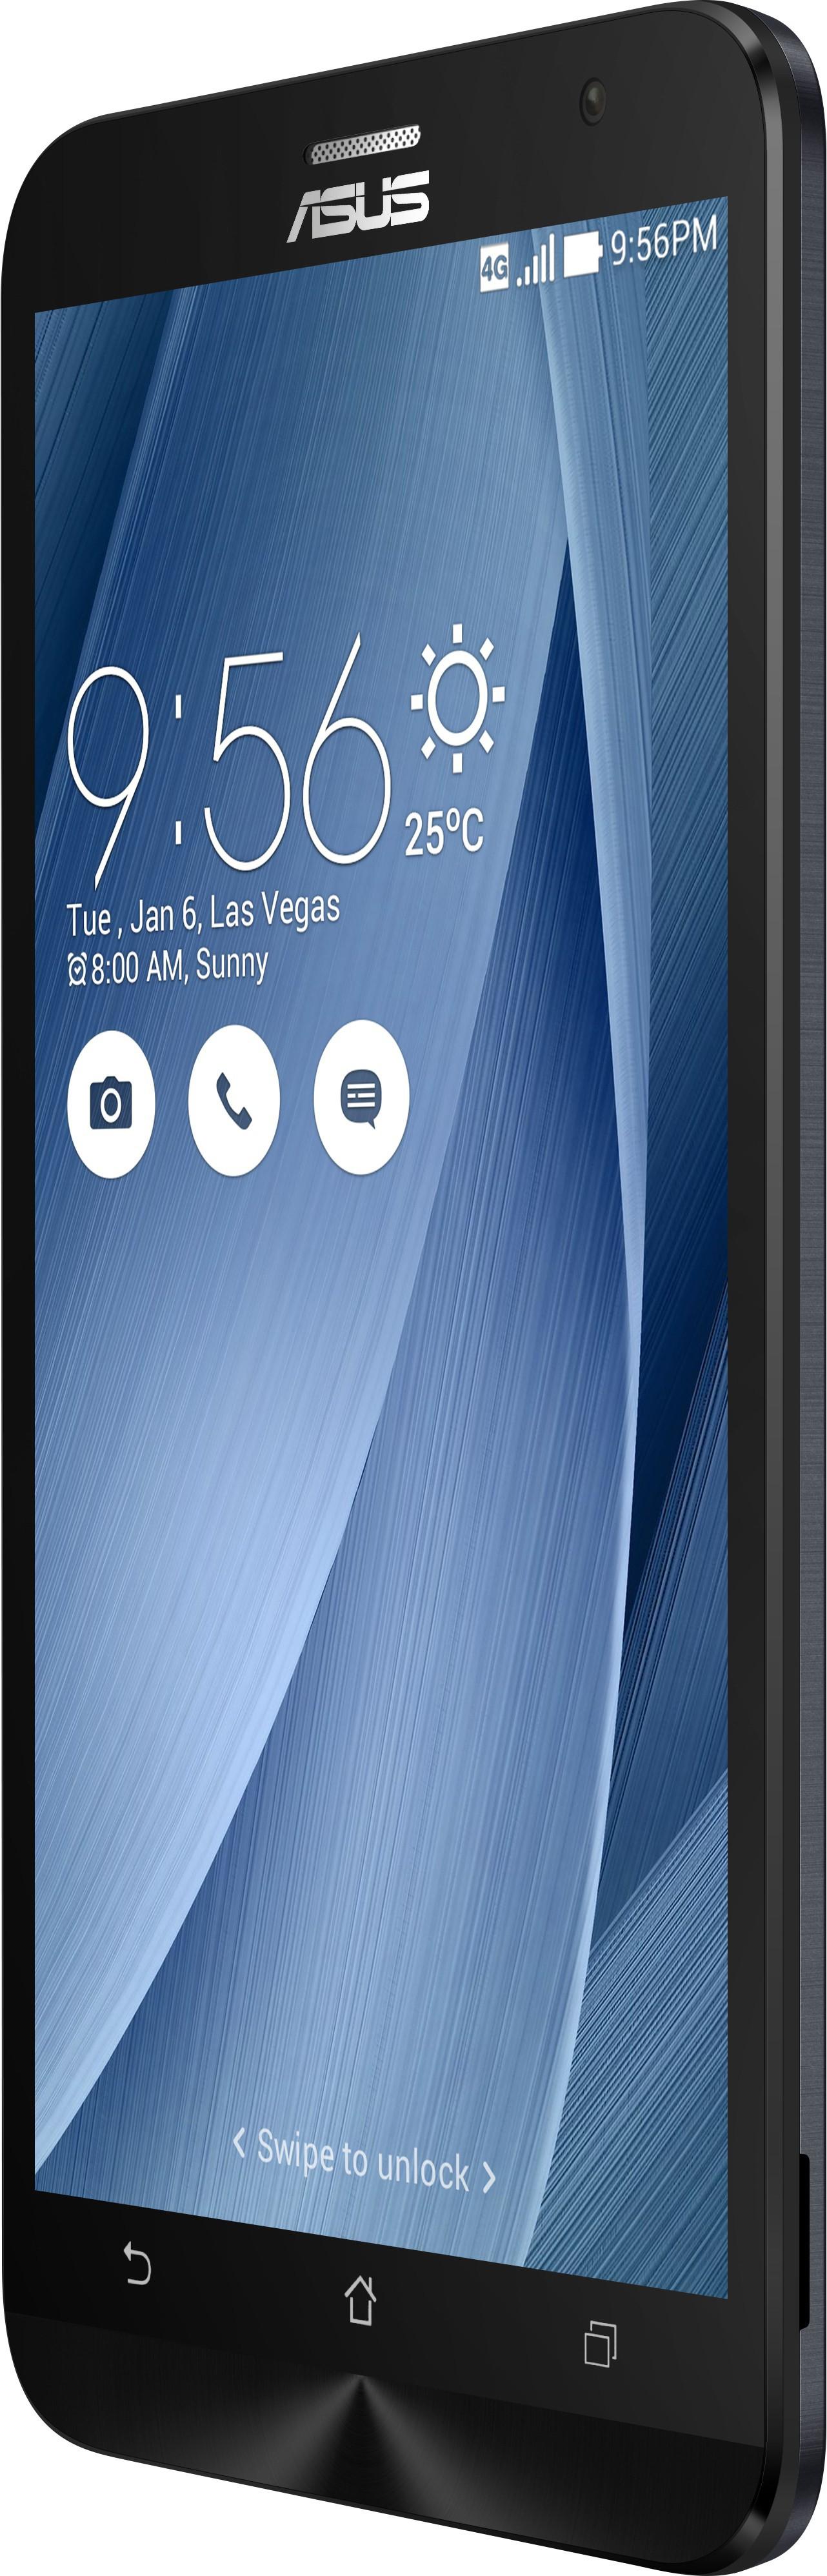 Asus Zenfone 2 (4GB RAM, 16GB)